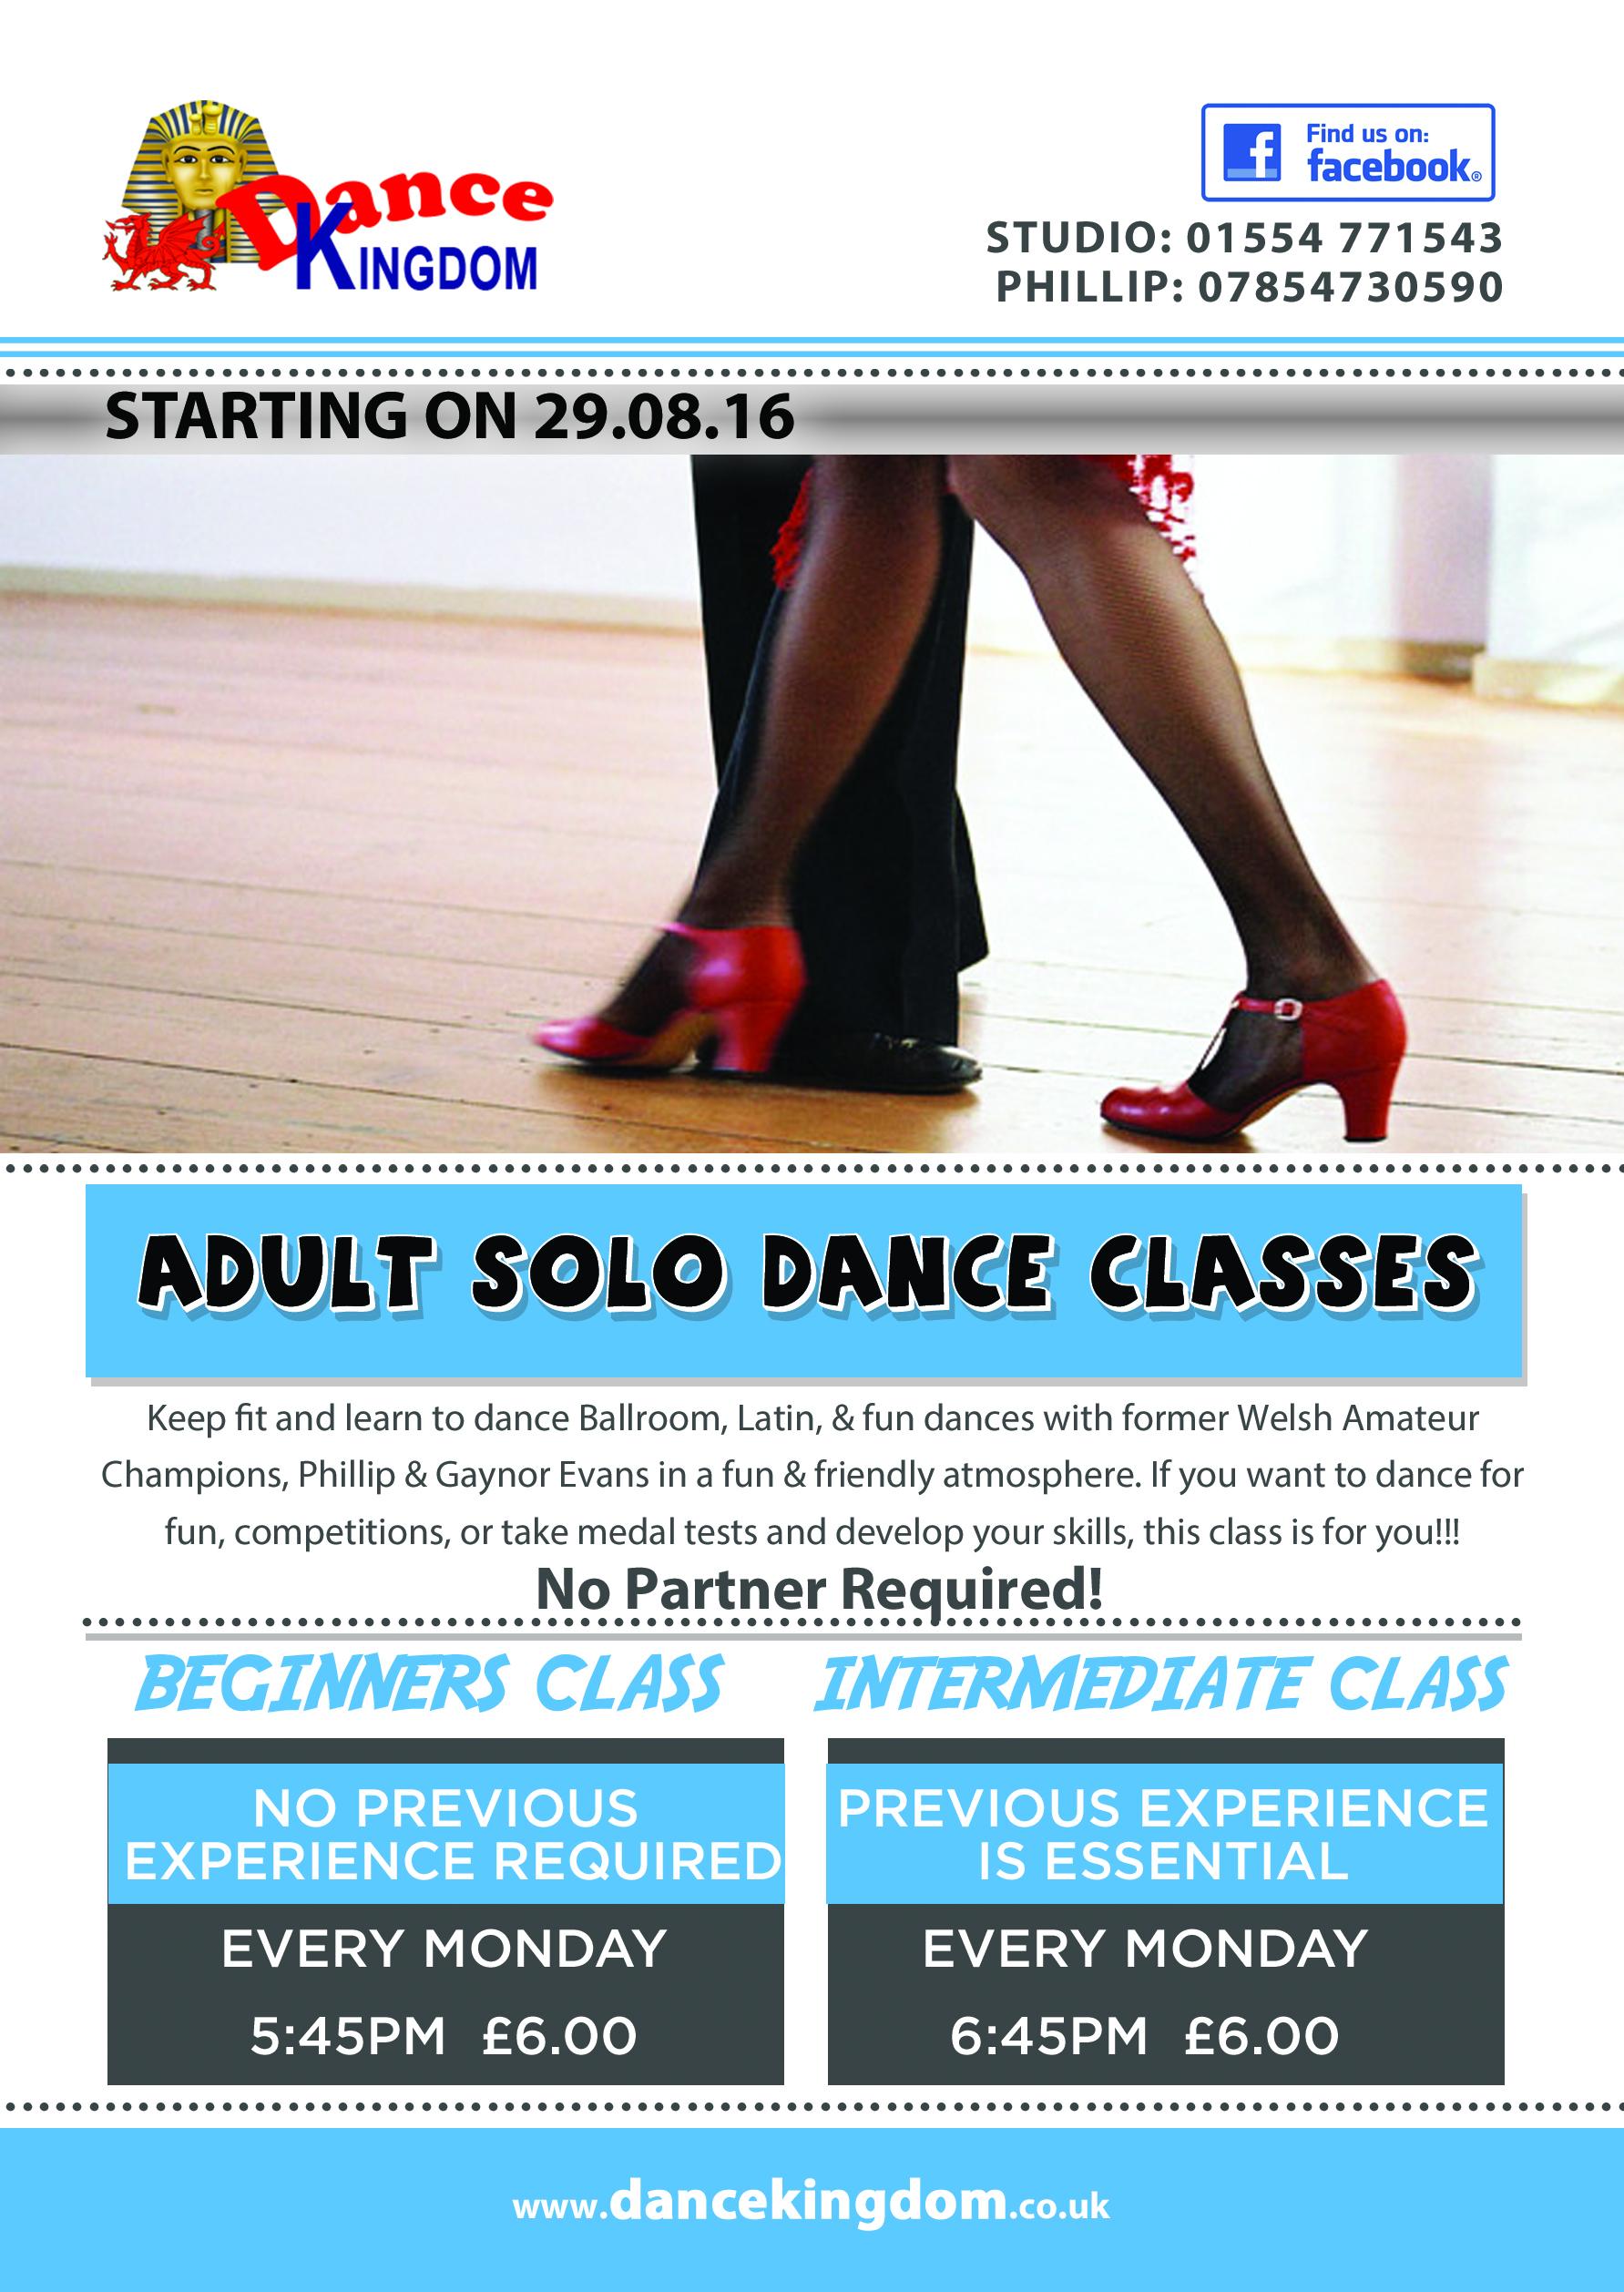 Adult Solo Beginner Dance Class